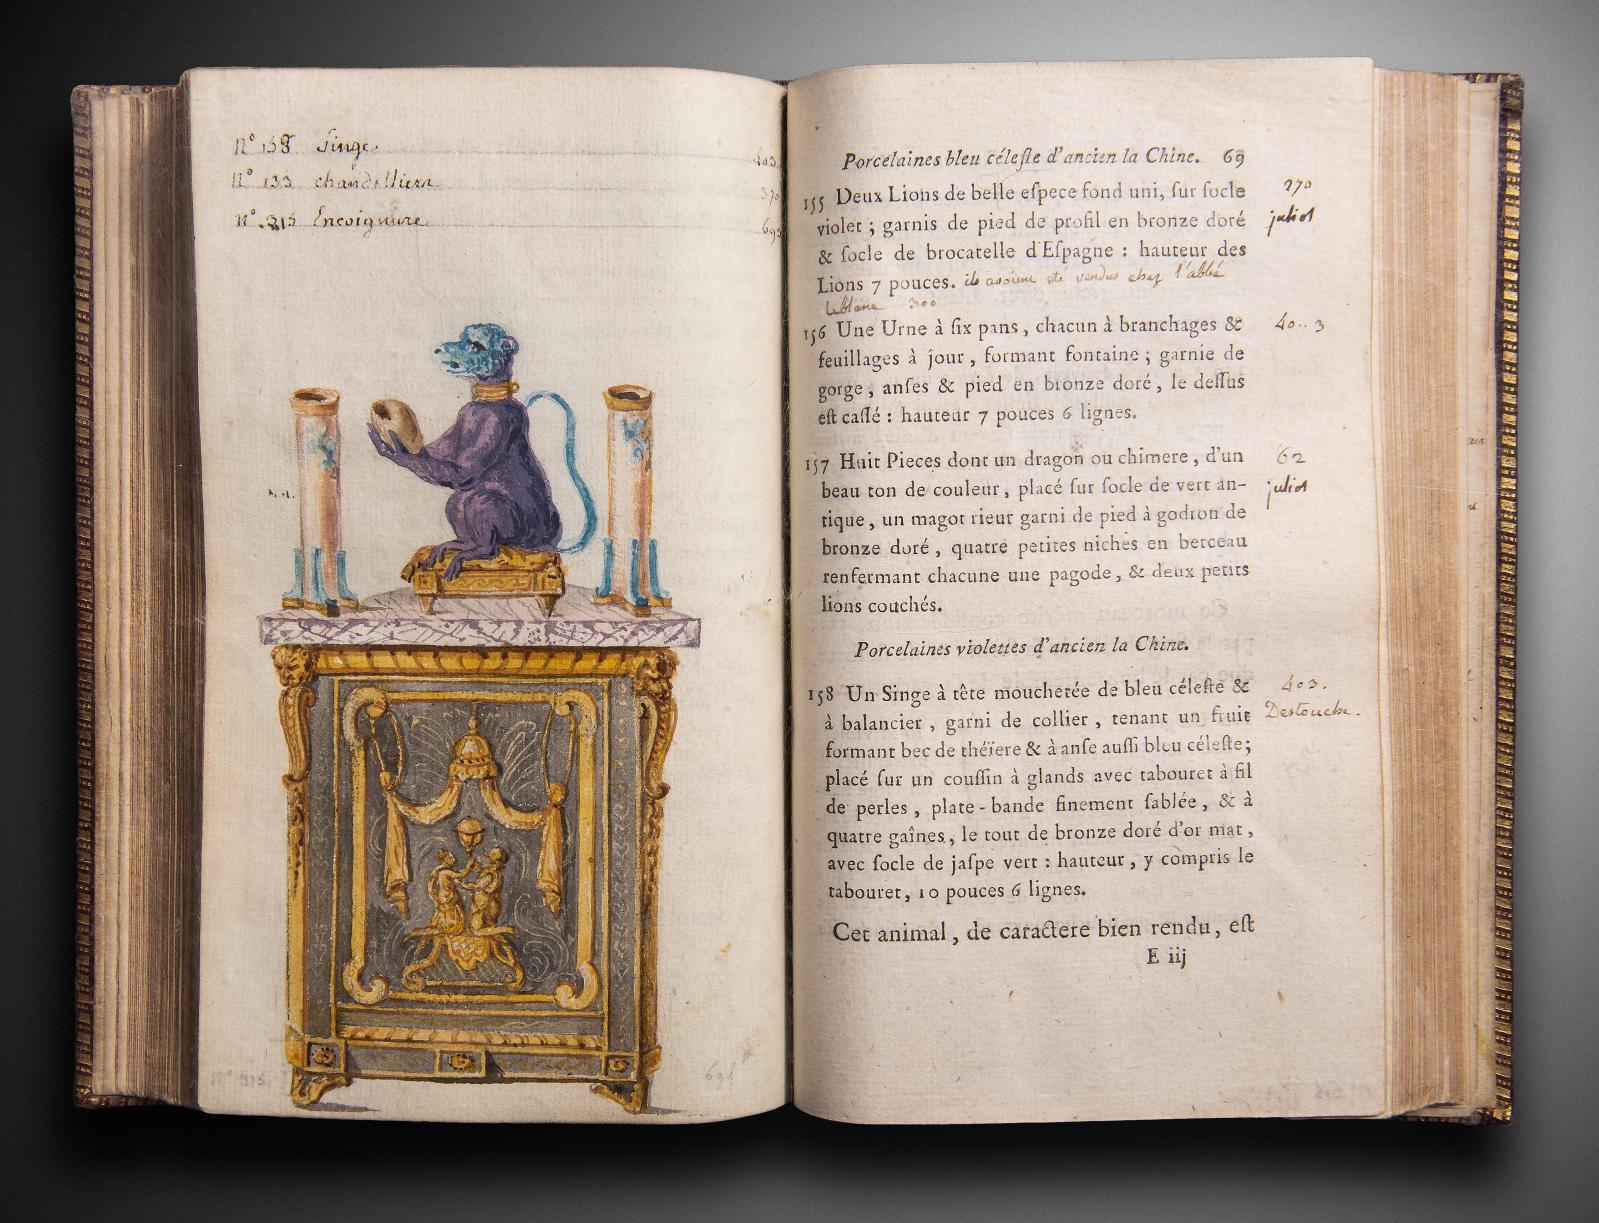 Exemplaire personnel et décoré d'aquarelles de Charles Germain de Saint-Aubin(1721-1786) du Catalogue des vases, colonnes, tables de marbres rares, f